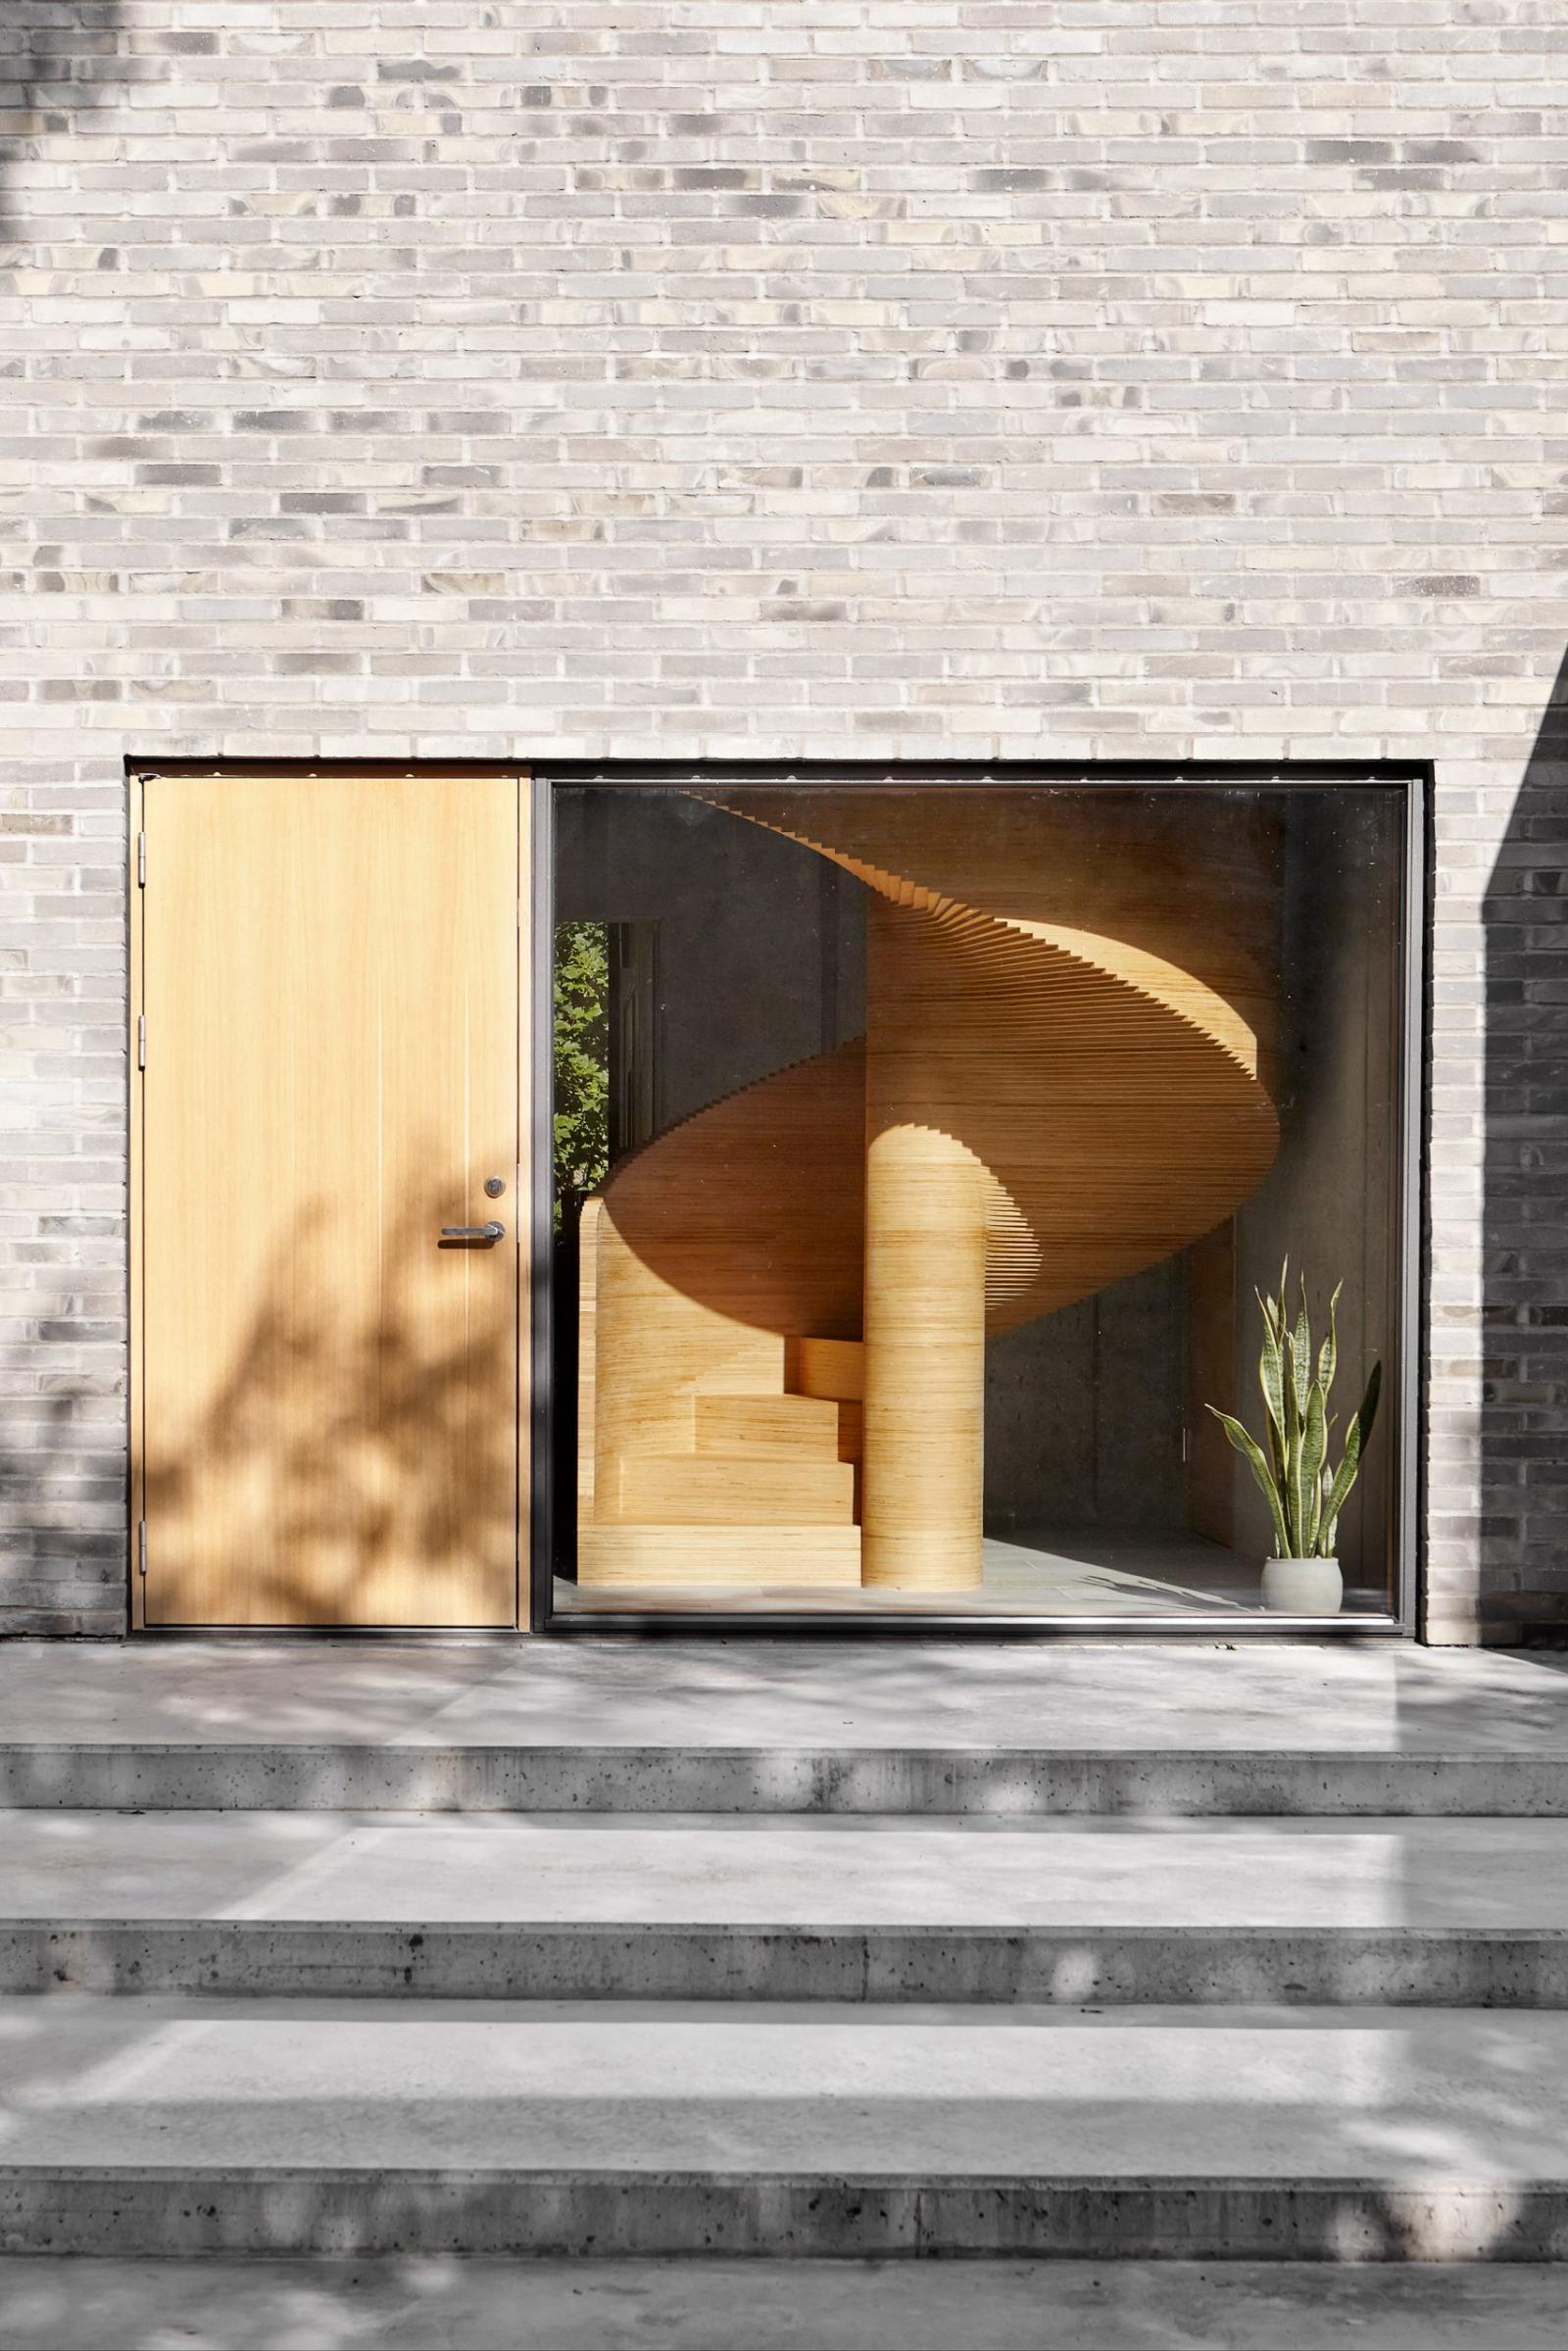 Cầu thang xoắc ốc làm từ ván ép CNC trở thành điểm nhấn kiến trúc của công trình. Đồng thời, chất liệu gỗ nâu vàng tương phản với bê tông trần, tạo cảm giác ấm áp.